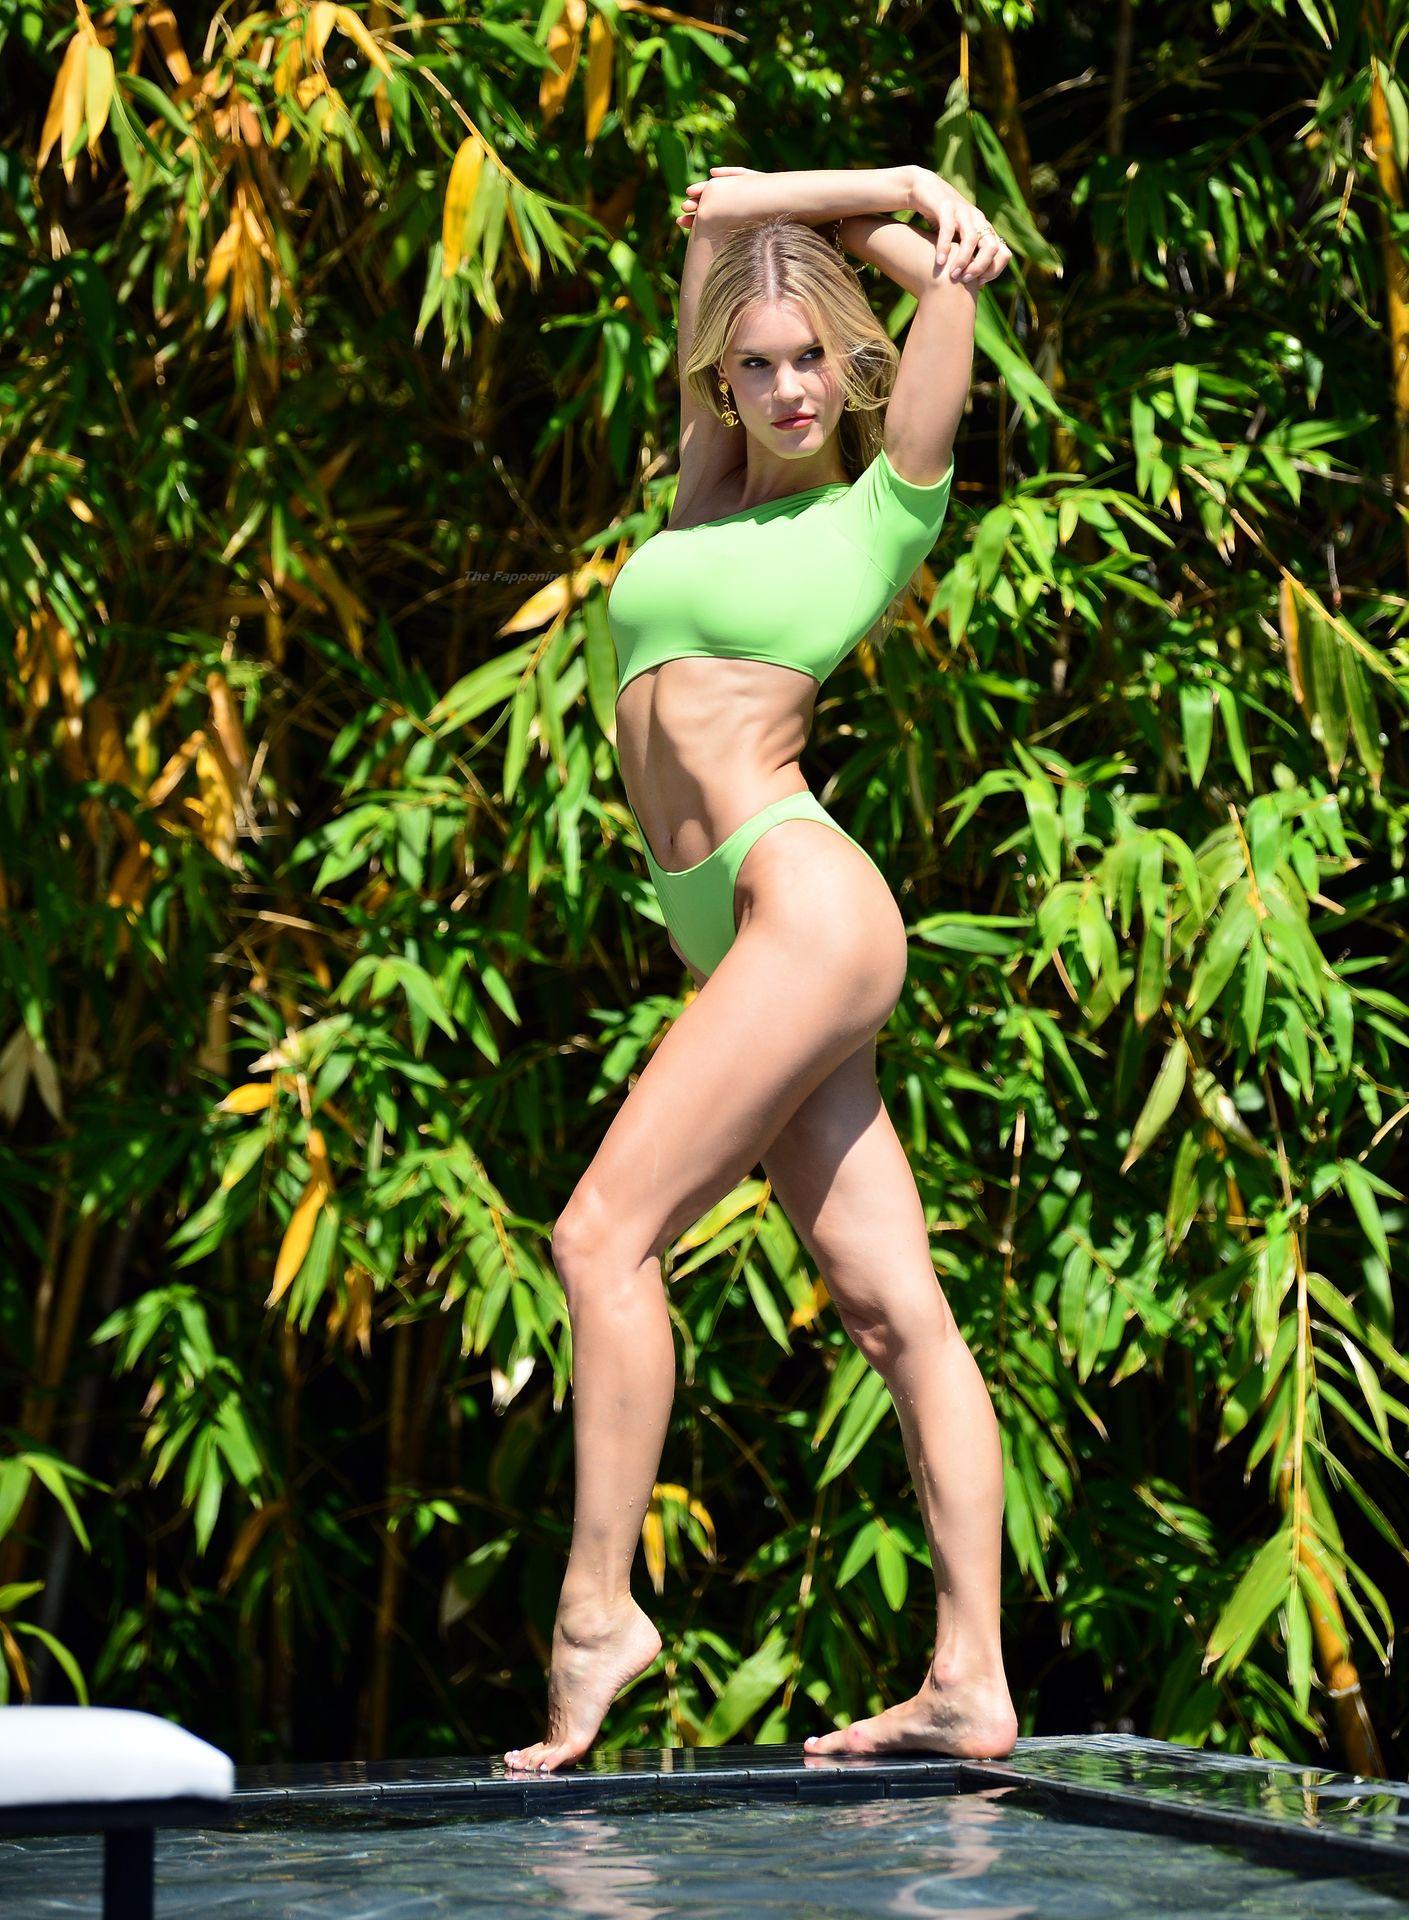 Joy-Corrigan-Sexy-The-Fappening-Blog-23.jpg